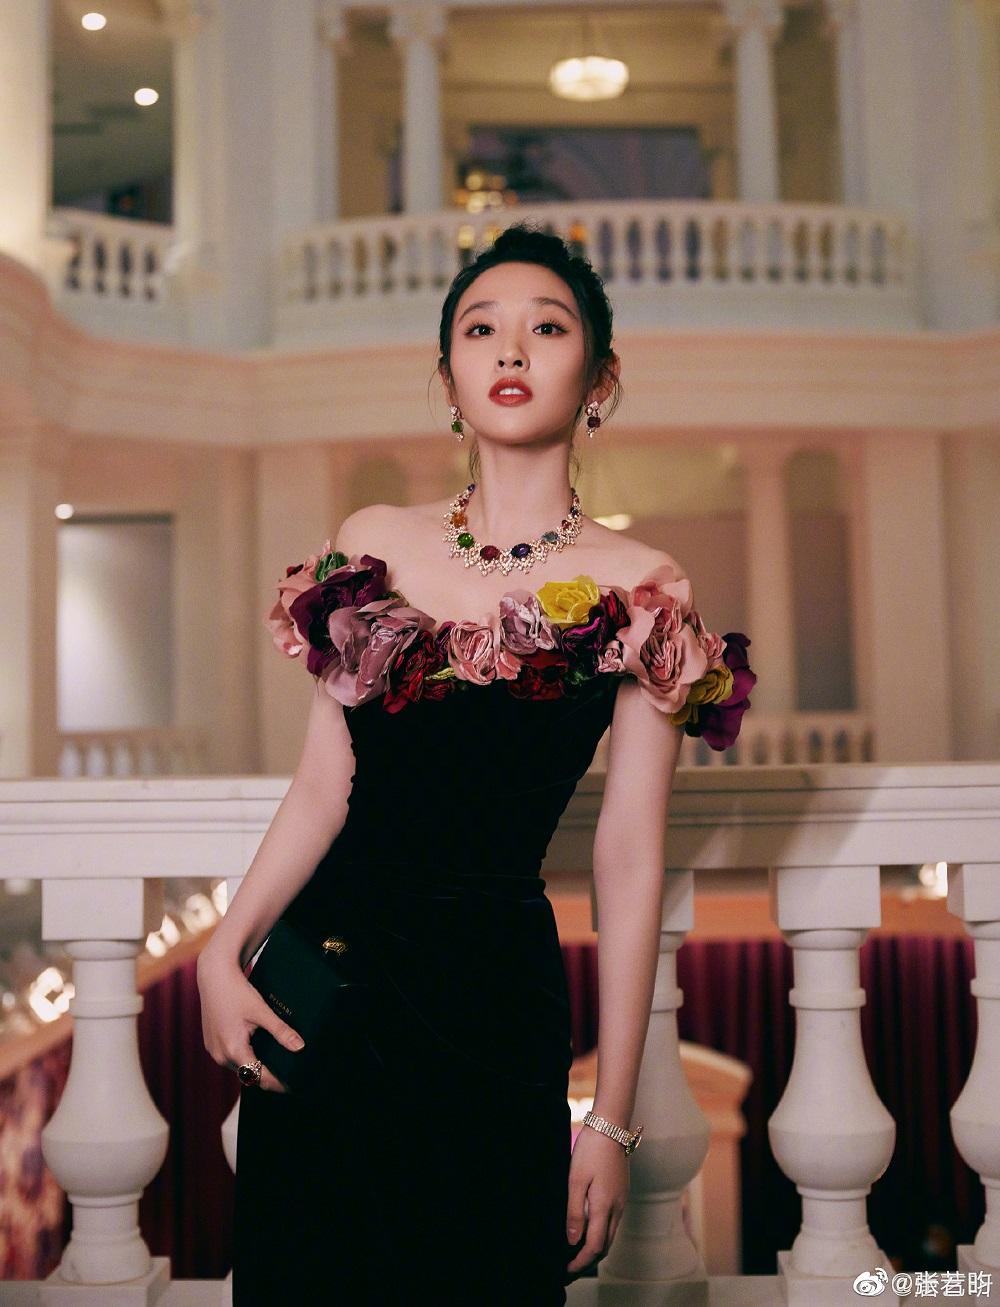 唐艺昕产后首露面,张若昀晒照表白:我爱她就像她爱我